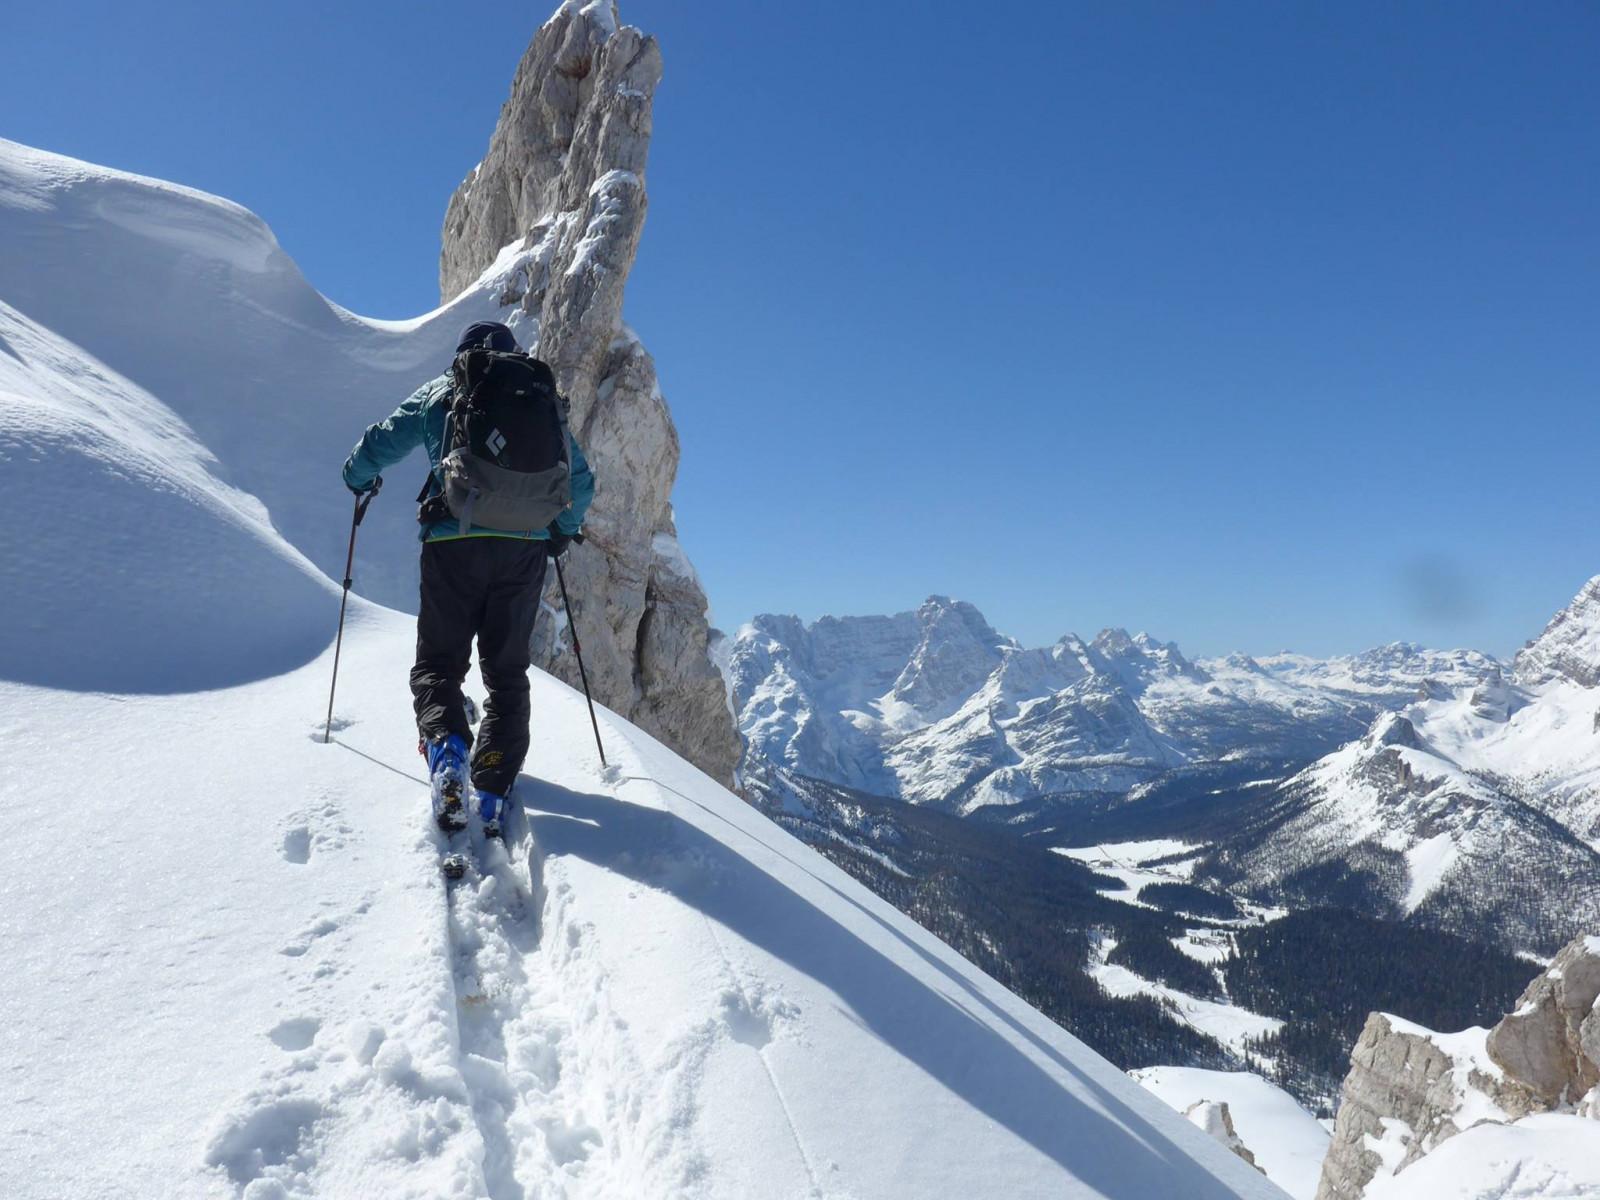 Escursione di sci alpinismo sulle Dolomiti